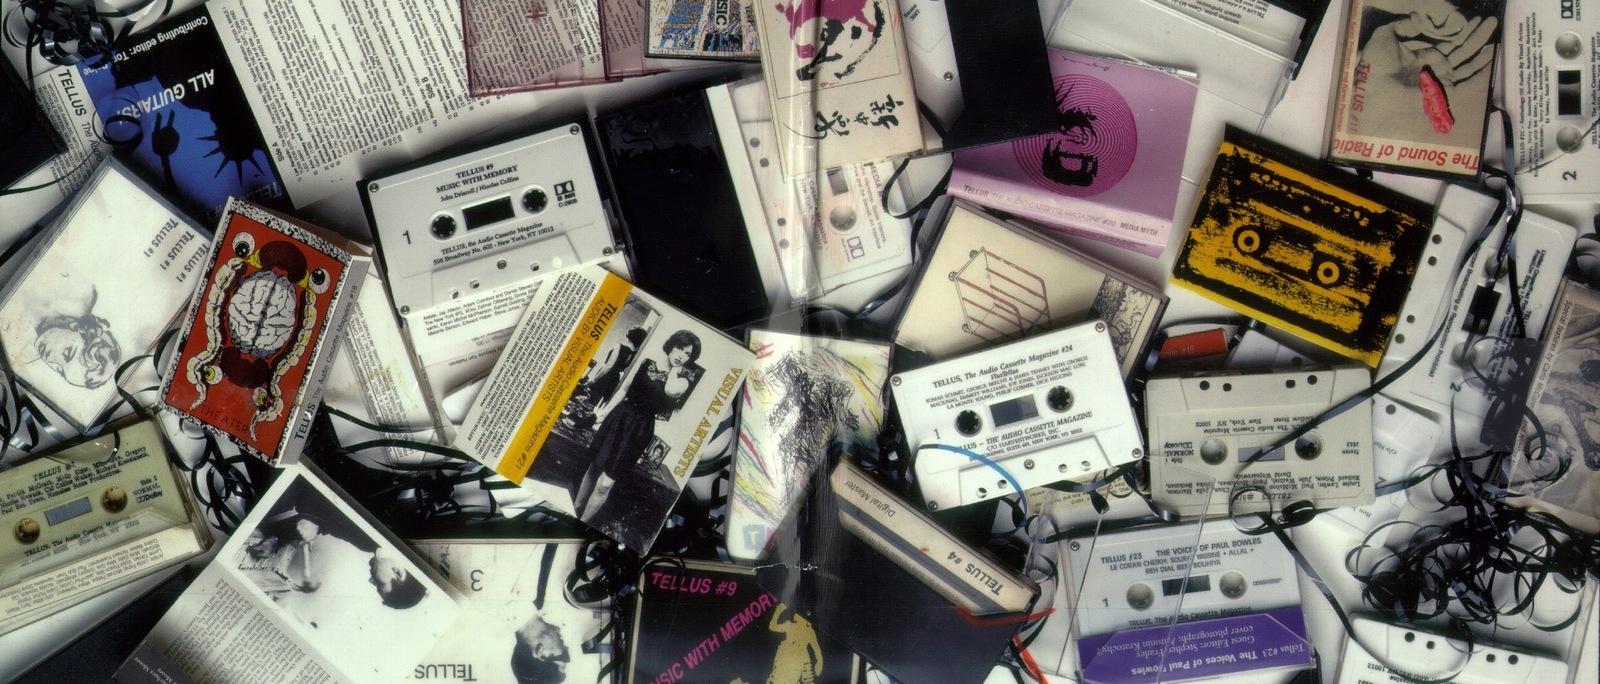 TELLUSTools. 2001 image